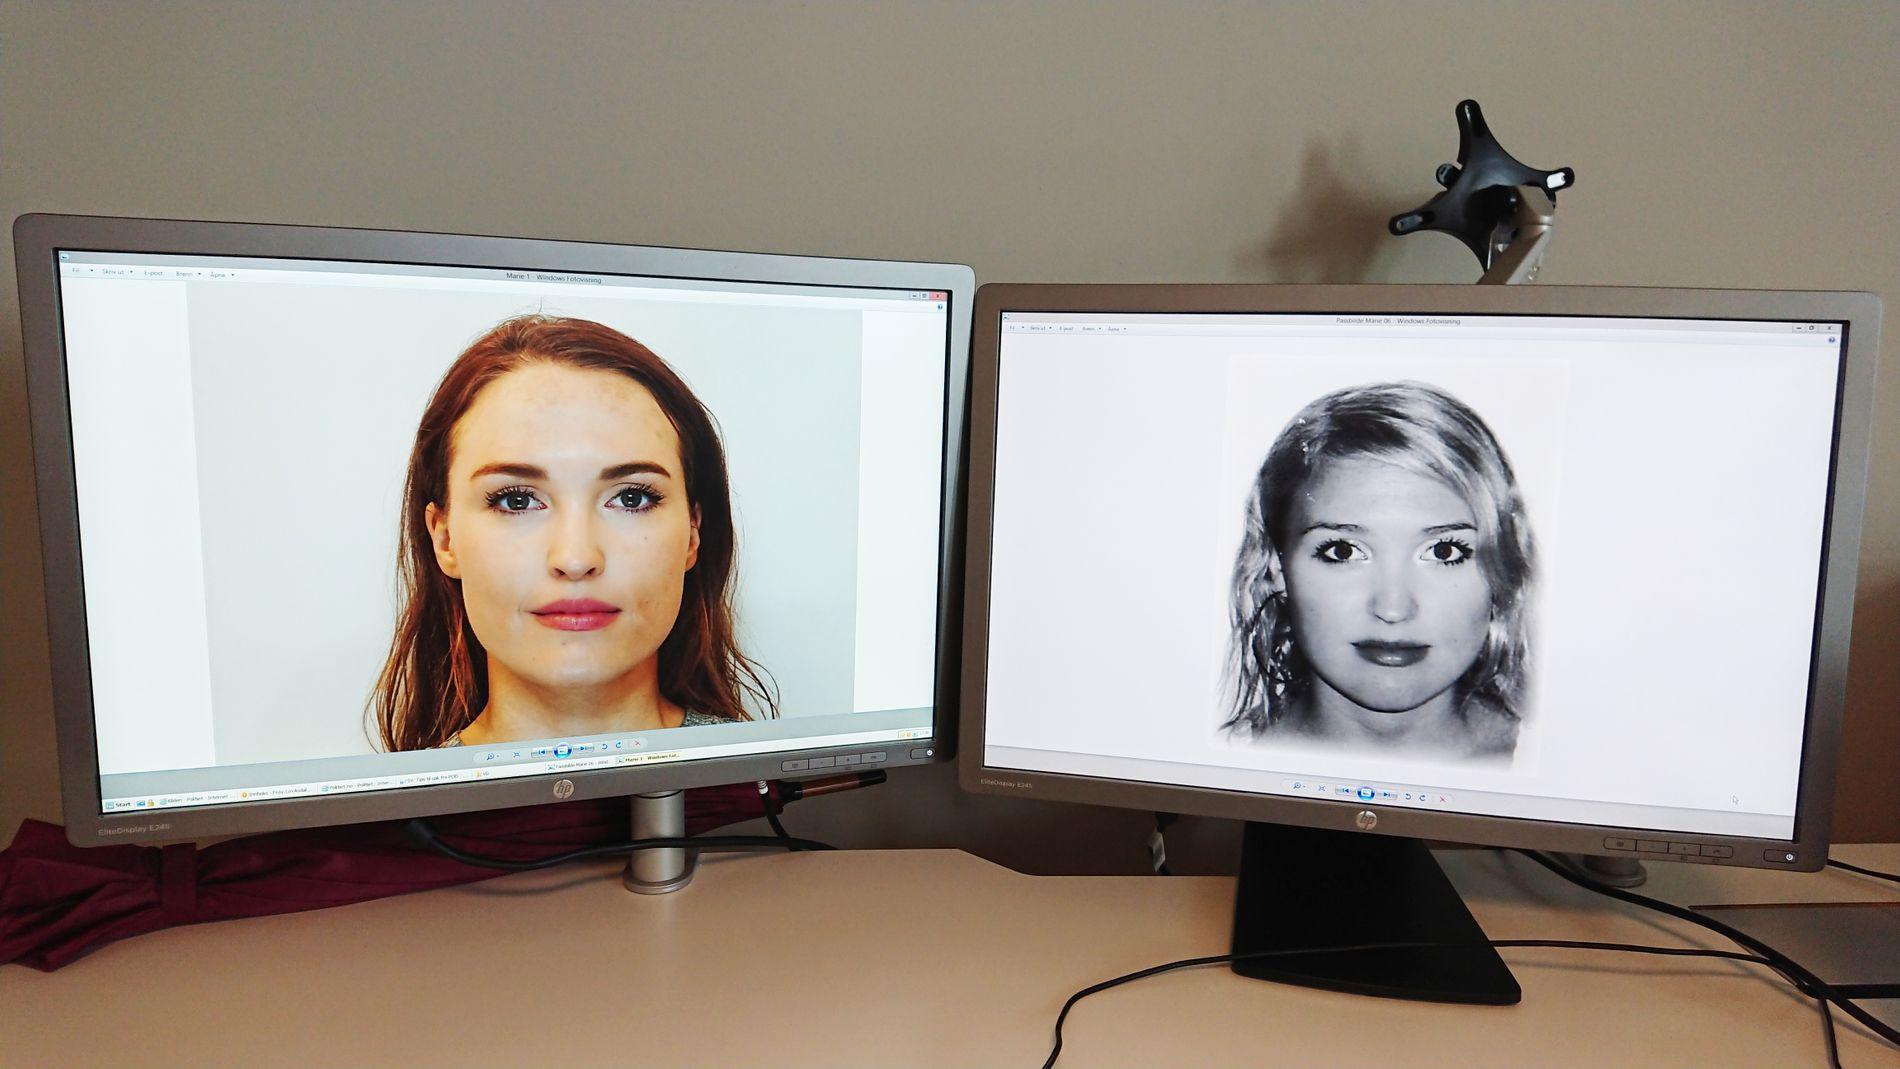 NY BILDETYPE: Passbildene skal nå tas i en mye høyre kvalitet, for å gjøre det enklere å avsløre juks i det nye ansiktsgjenkjenningssystemet.